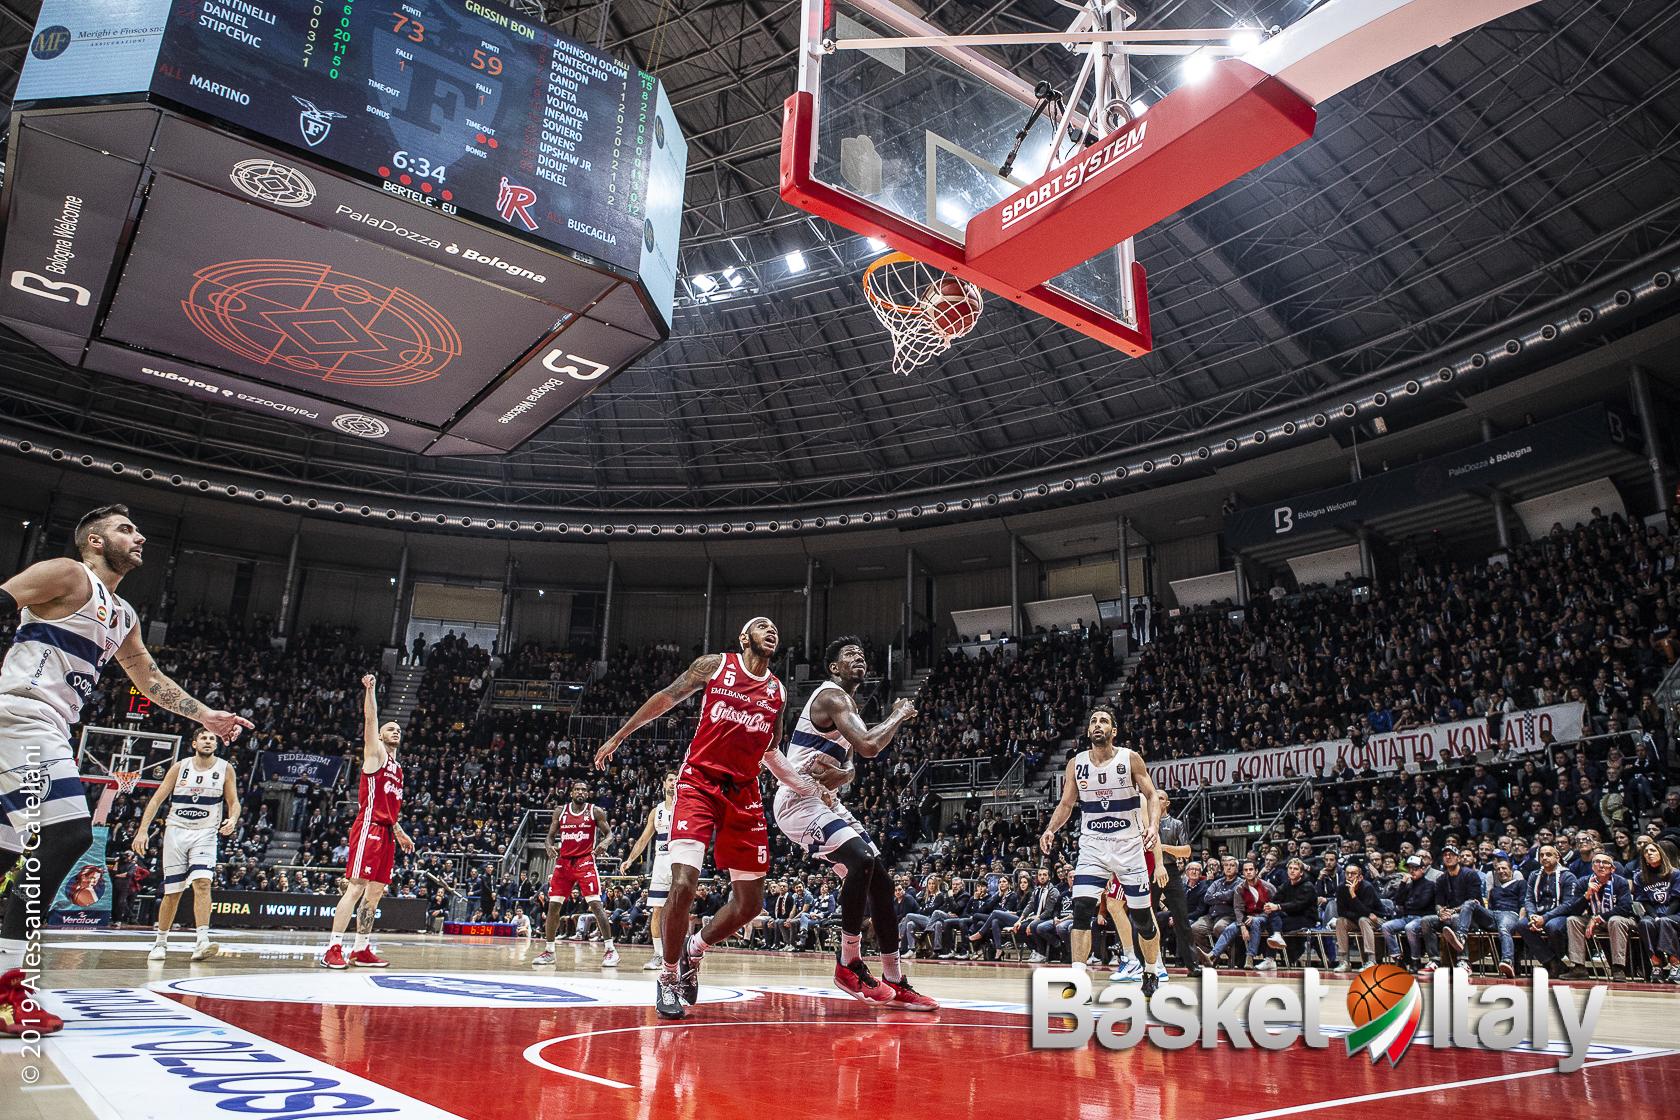 Deroga dell'Emilia Romagna: capienza al 25% per le eliminatorie della Eurosport Supercoppa